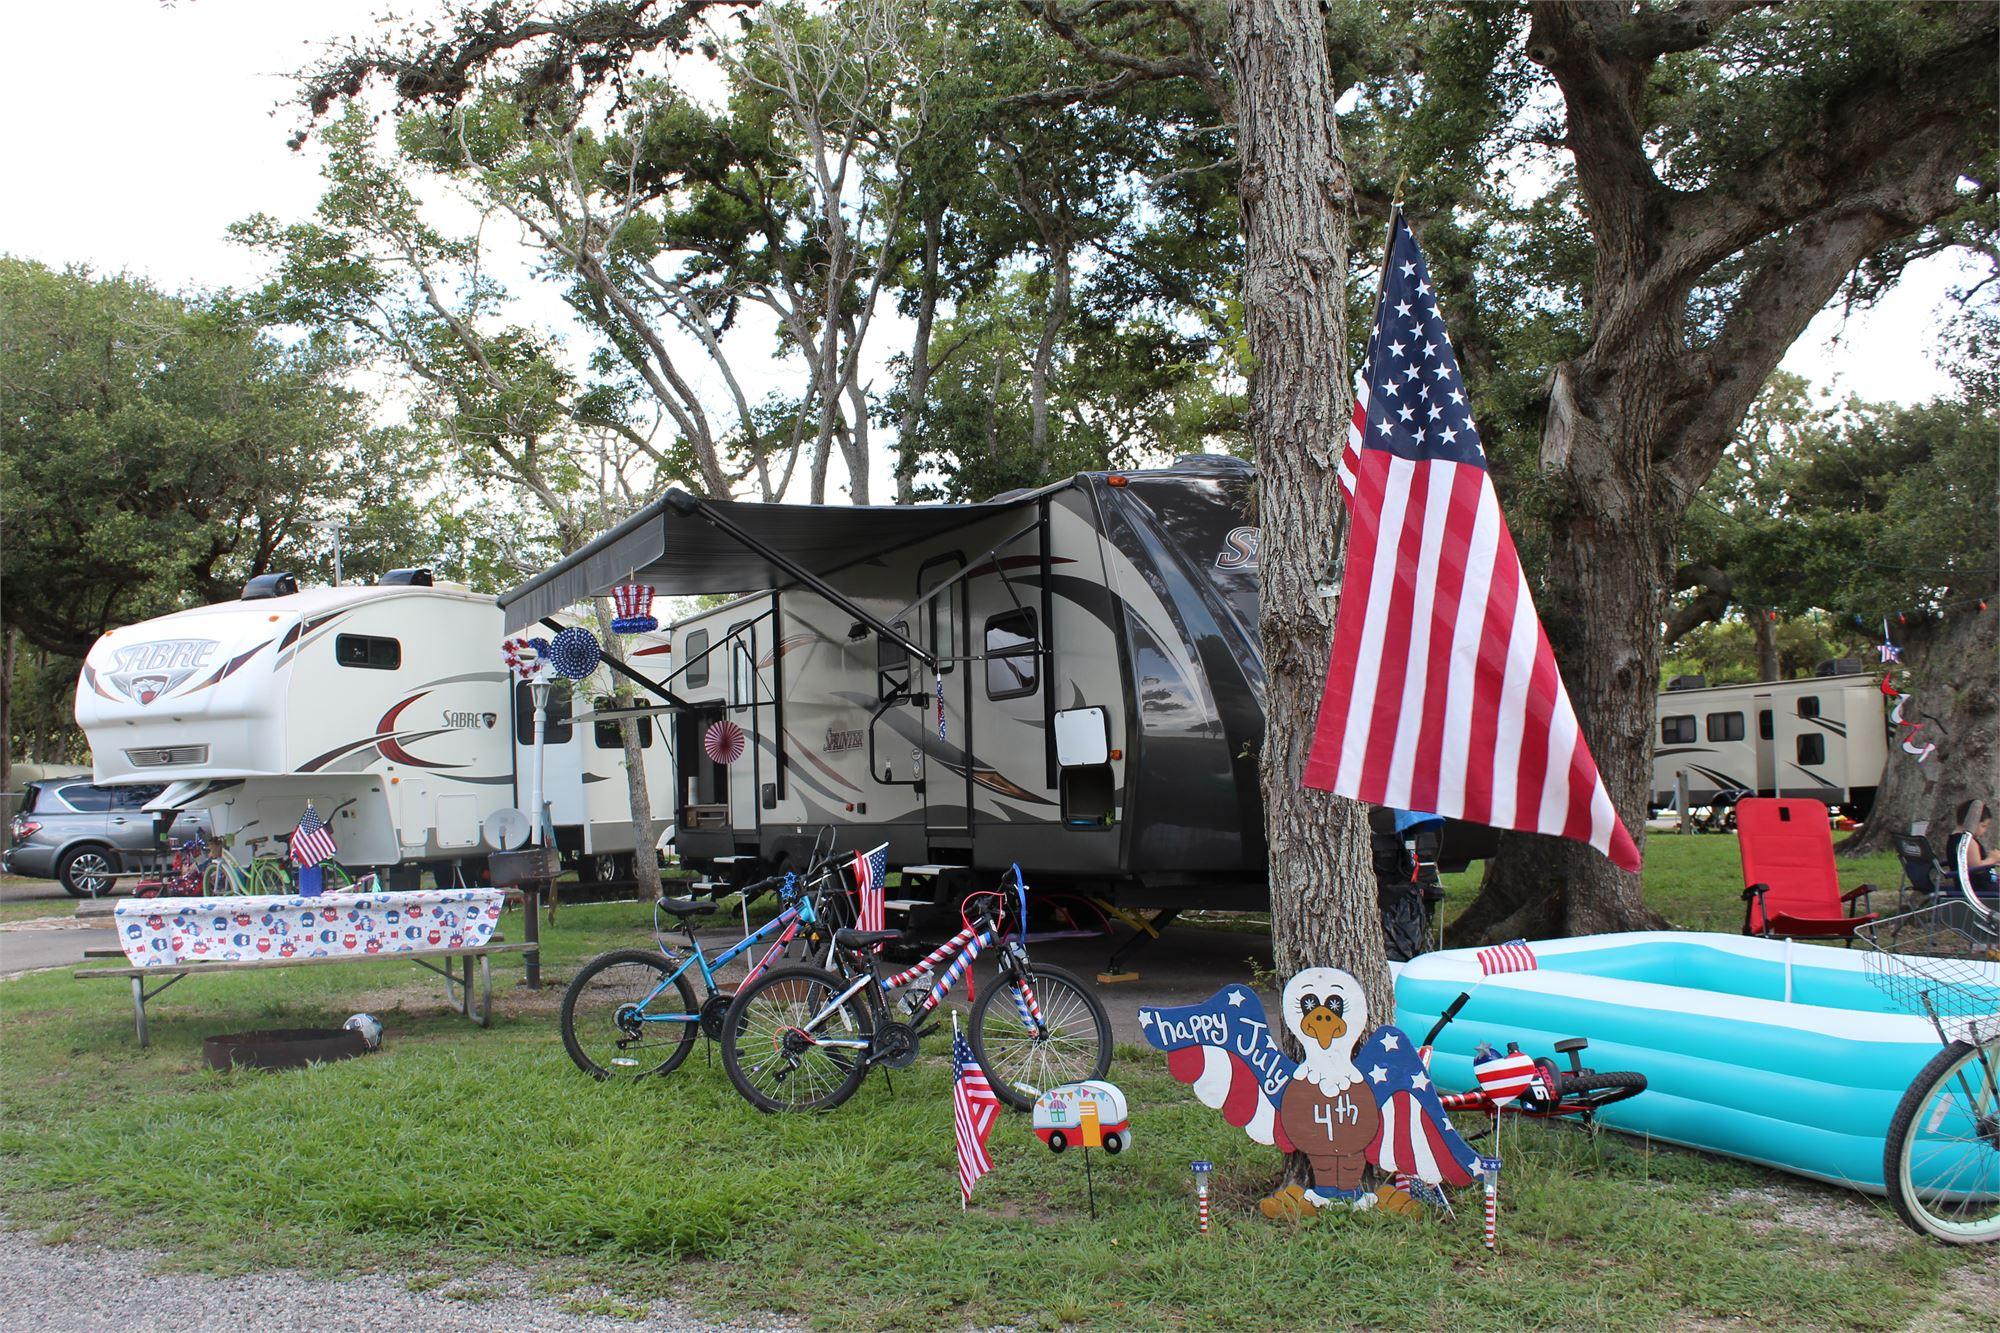 Best Decorated Campsite!